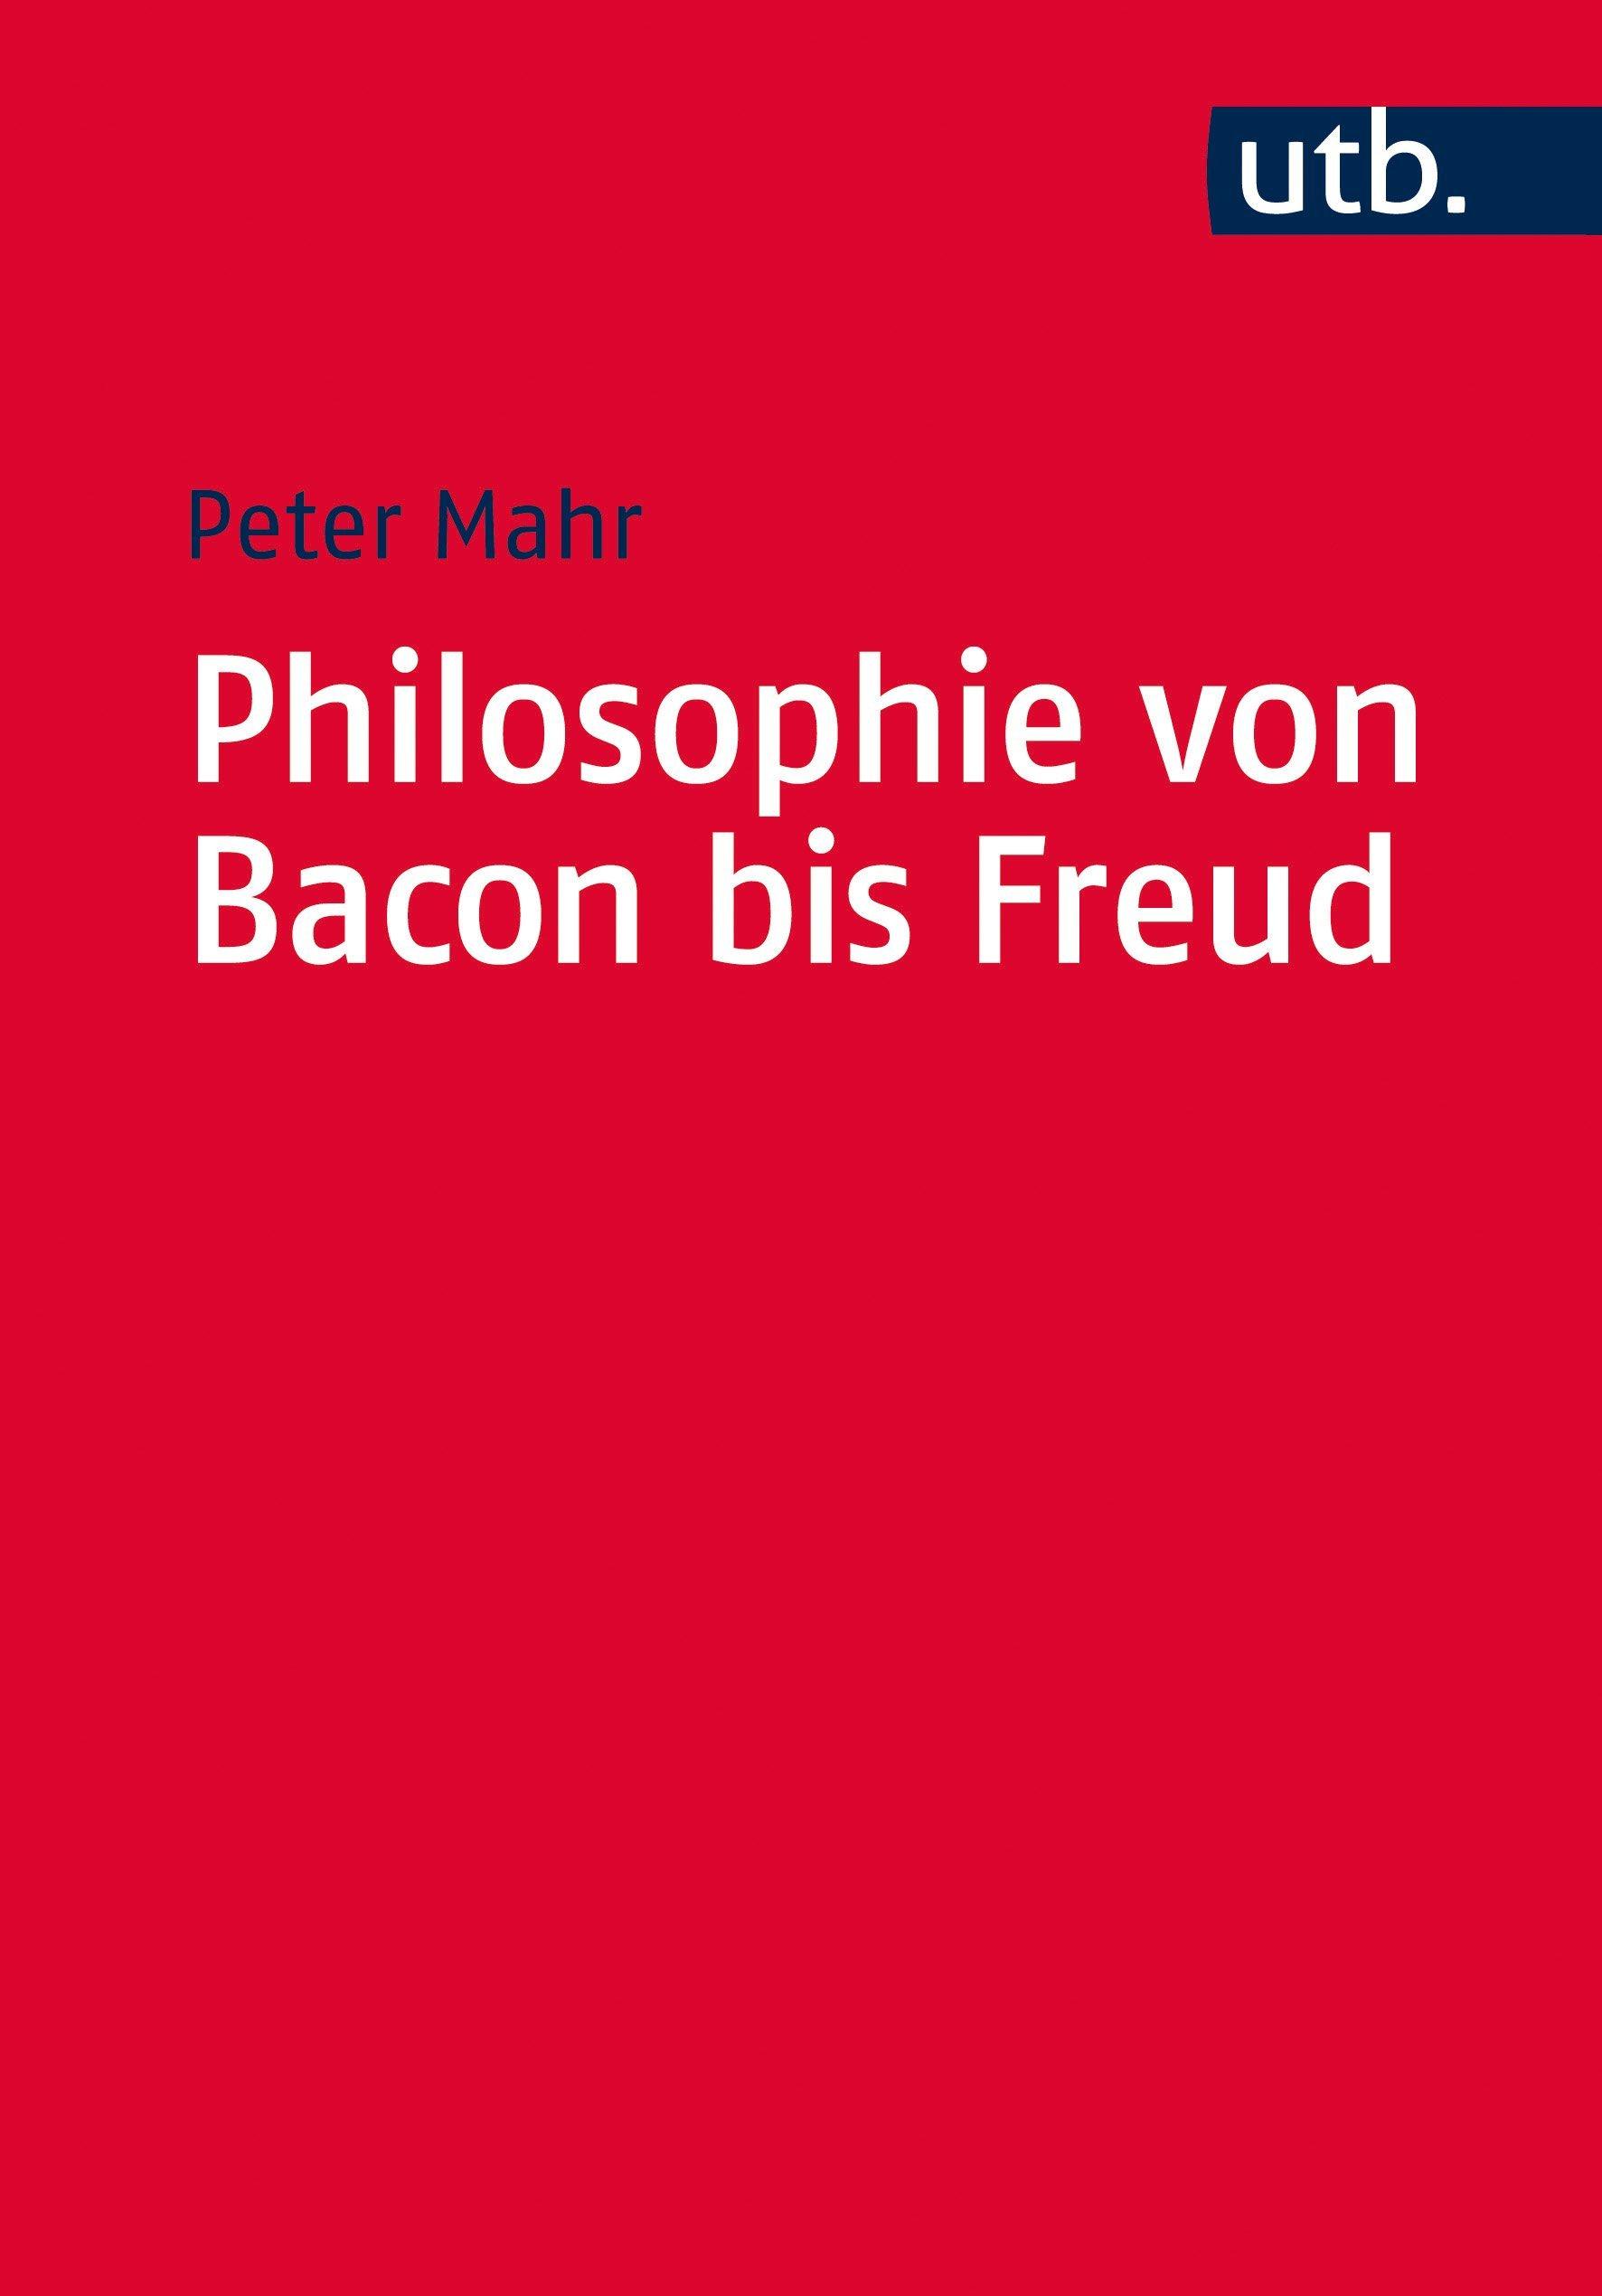 Philosophie von Bacon bis Freud